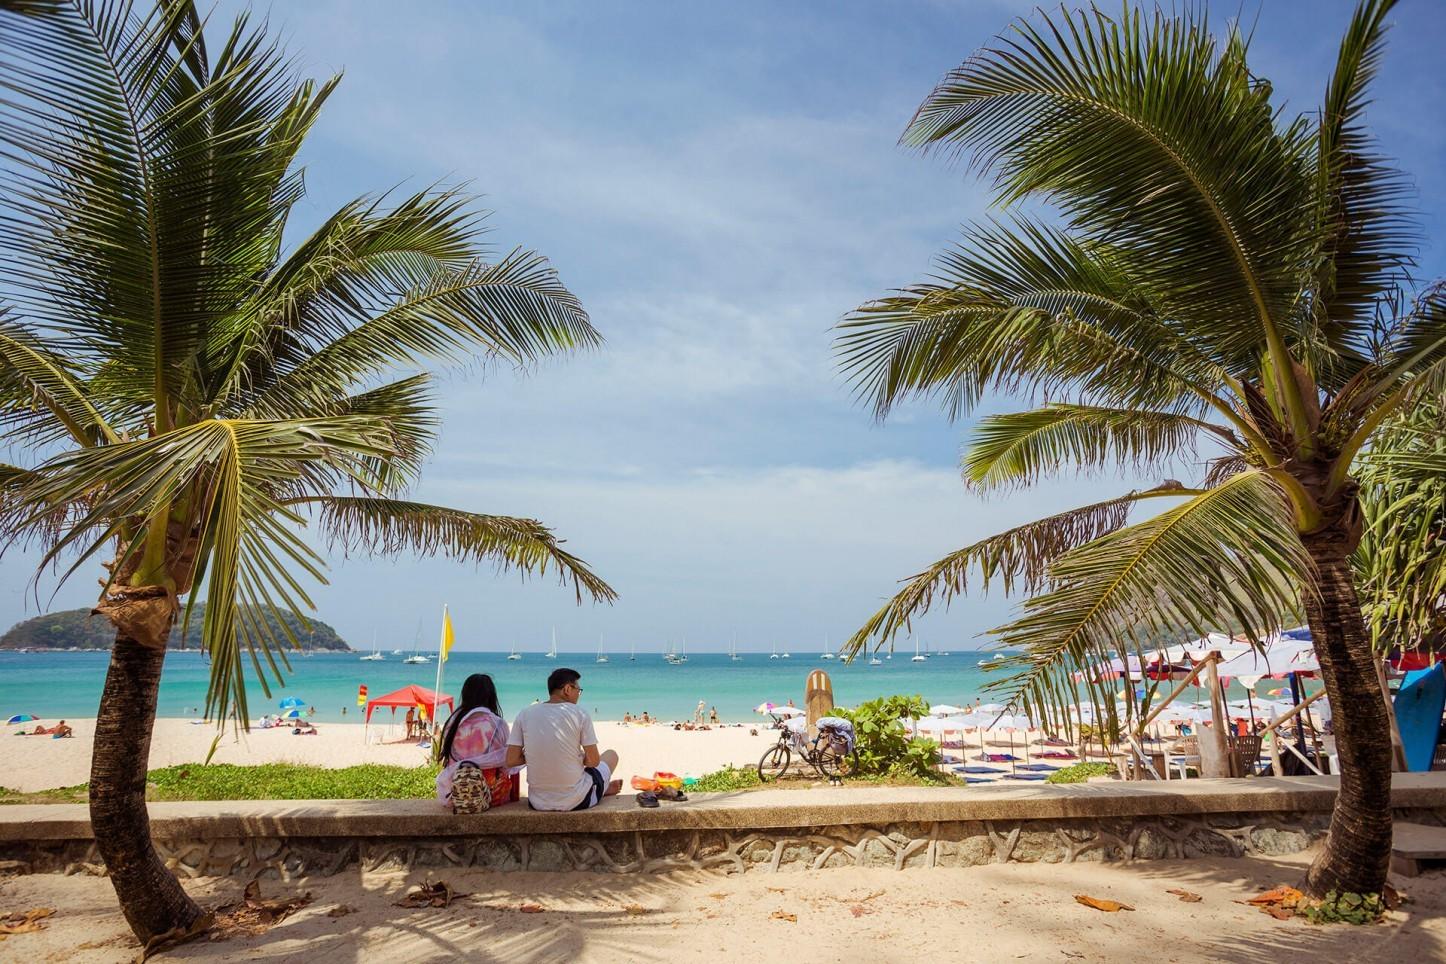 Naiharn beach, Phuket, Thailand